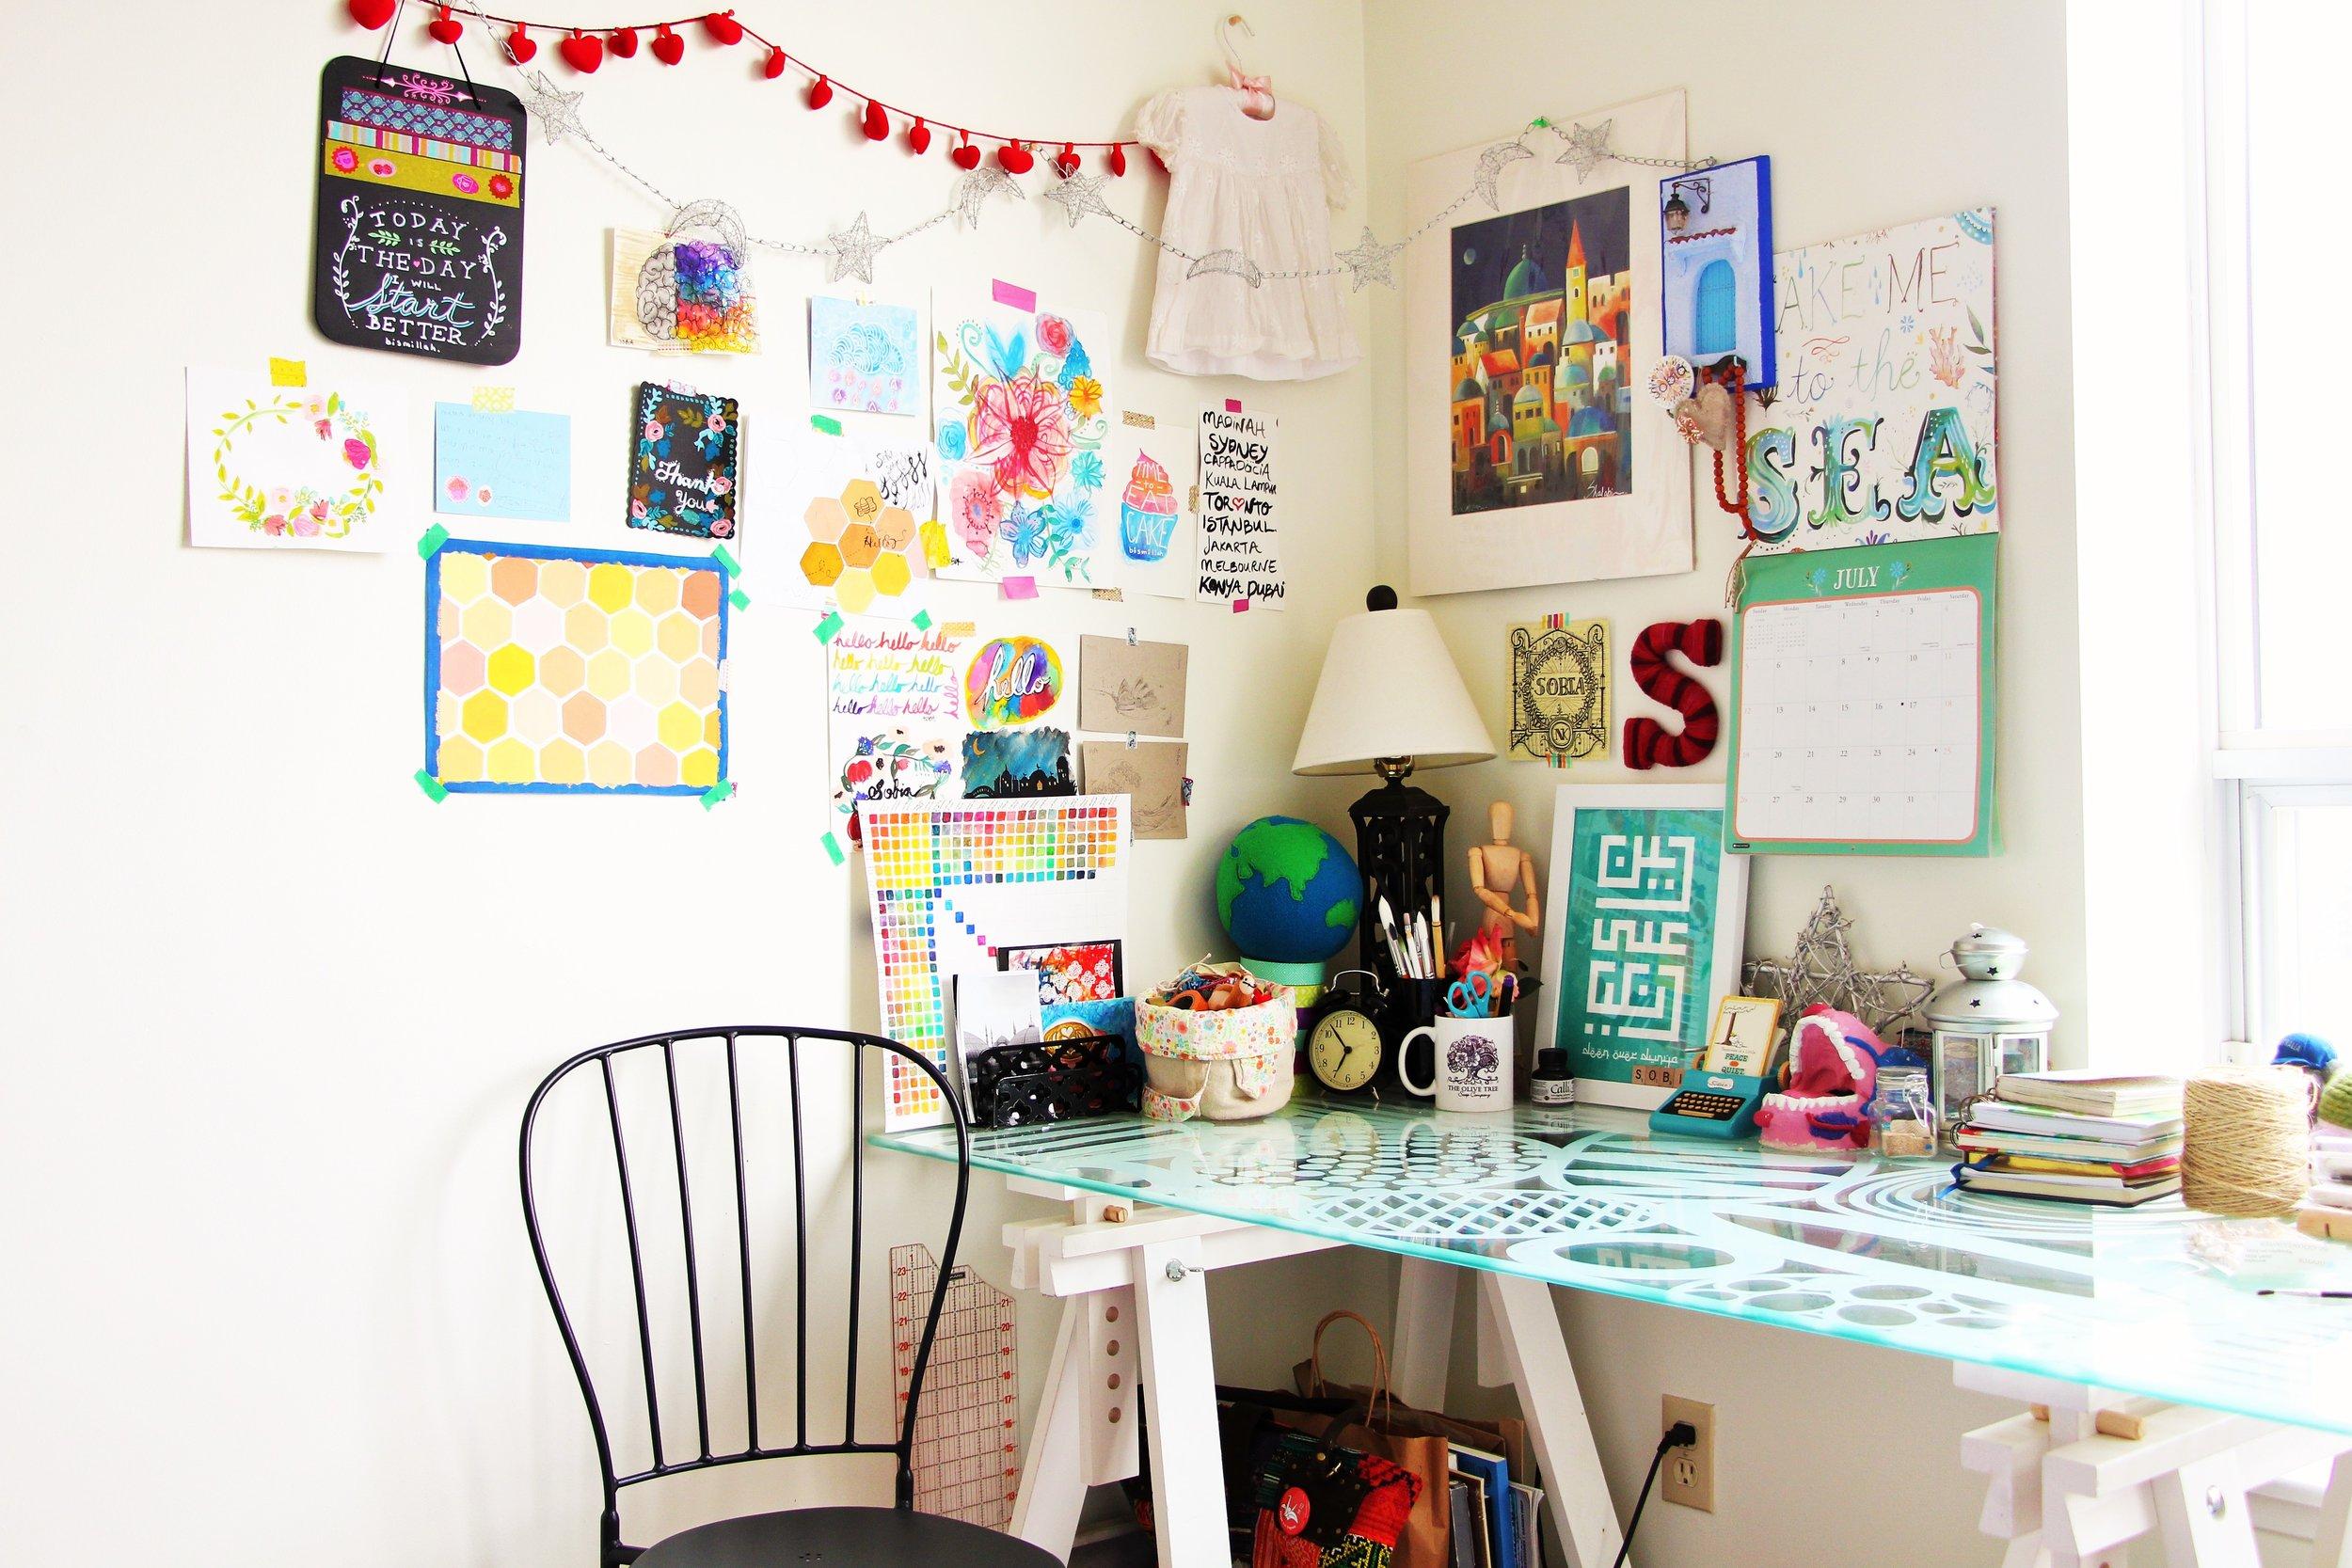 Sobia's Workspace